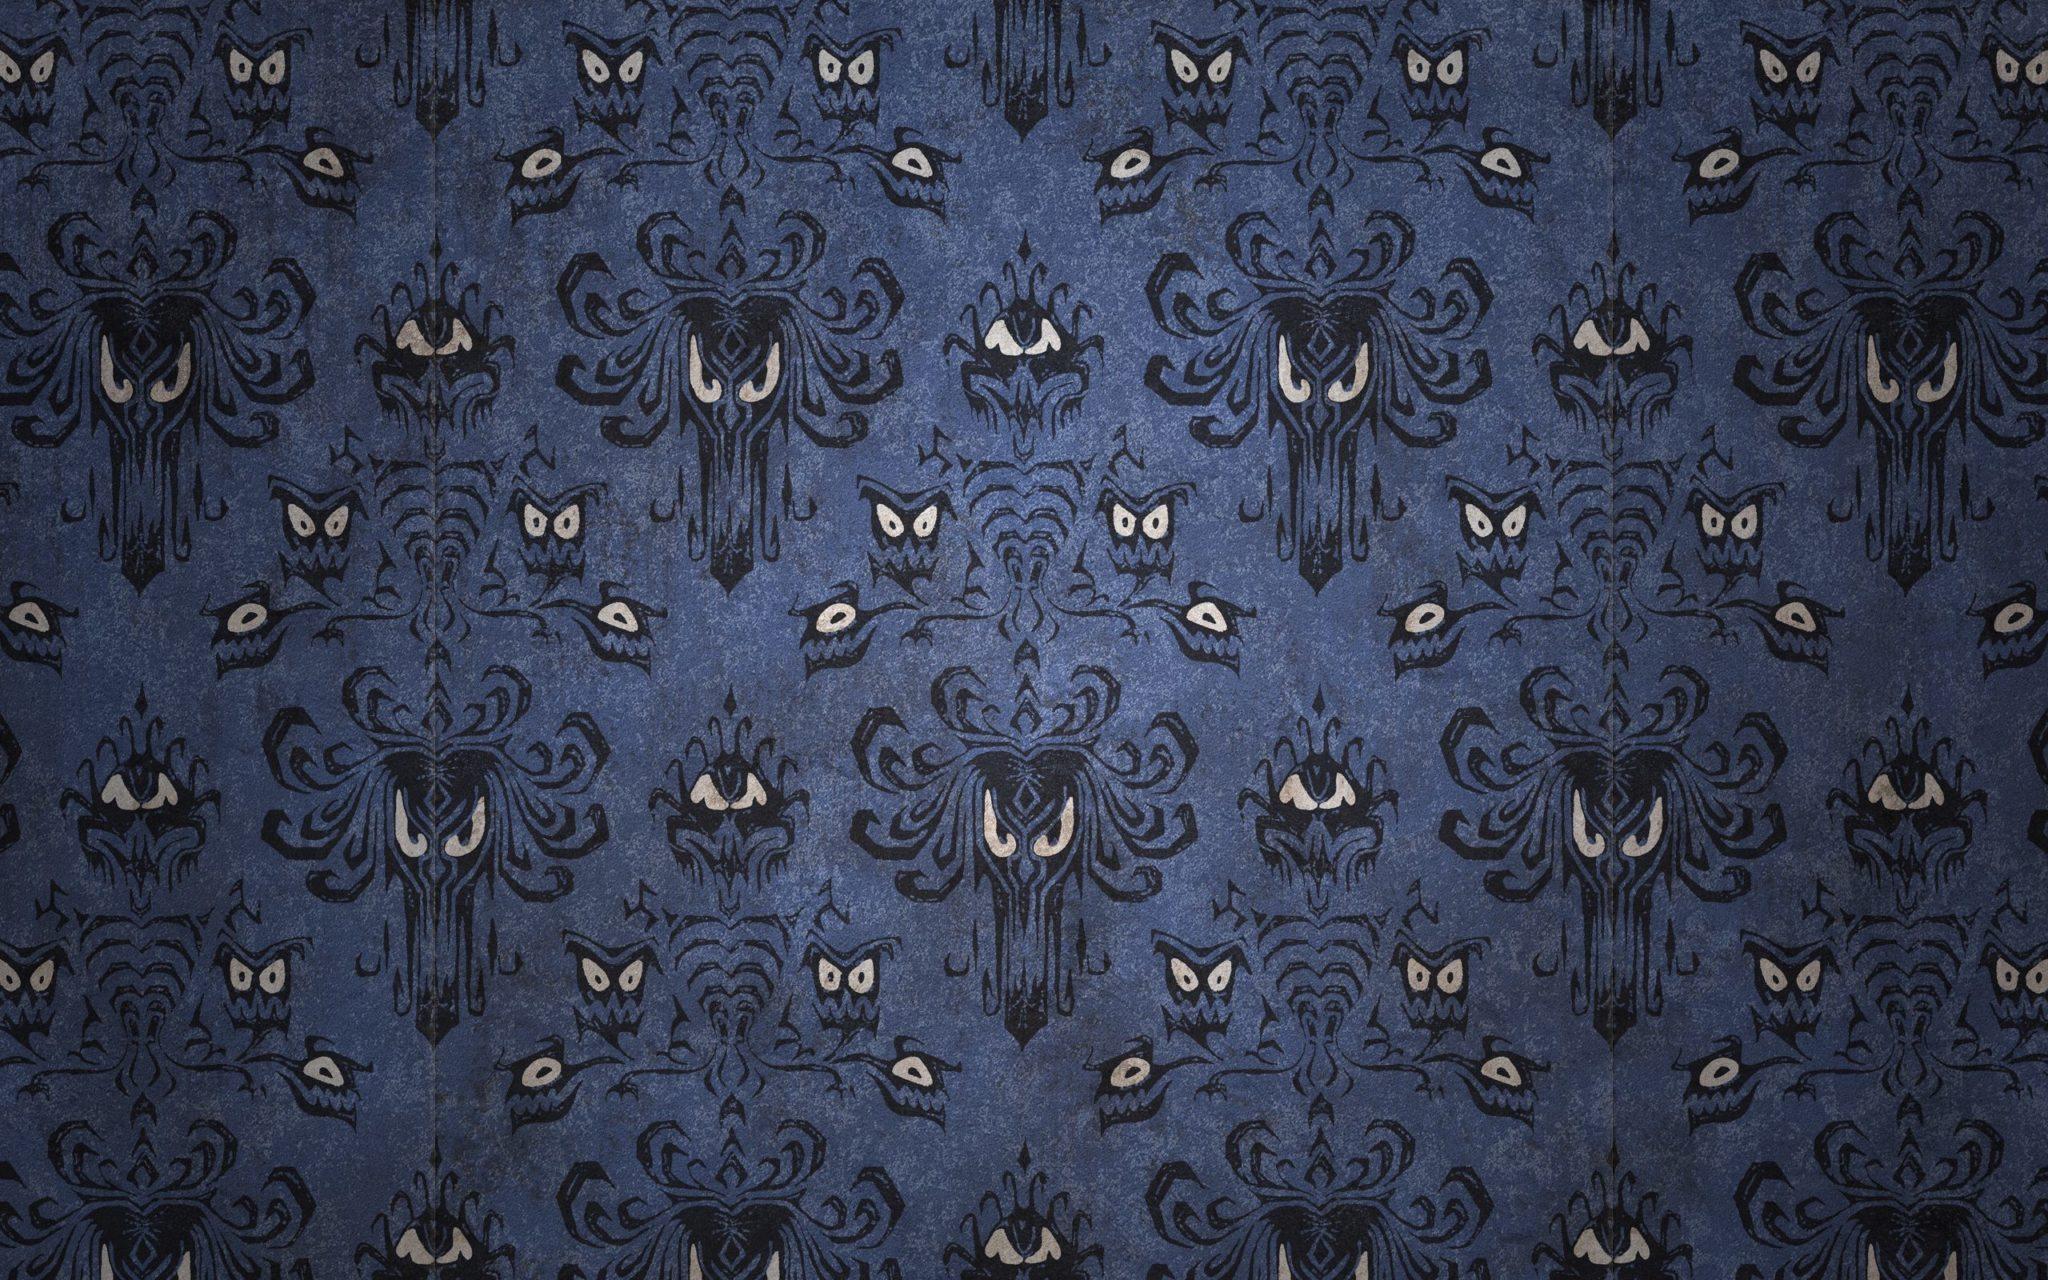 haunted_mansion___eerie_eyes_by_louiemantia-d5rhgl4